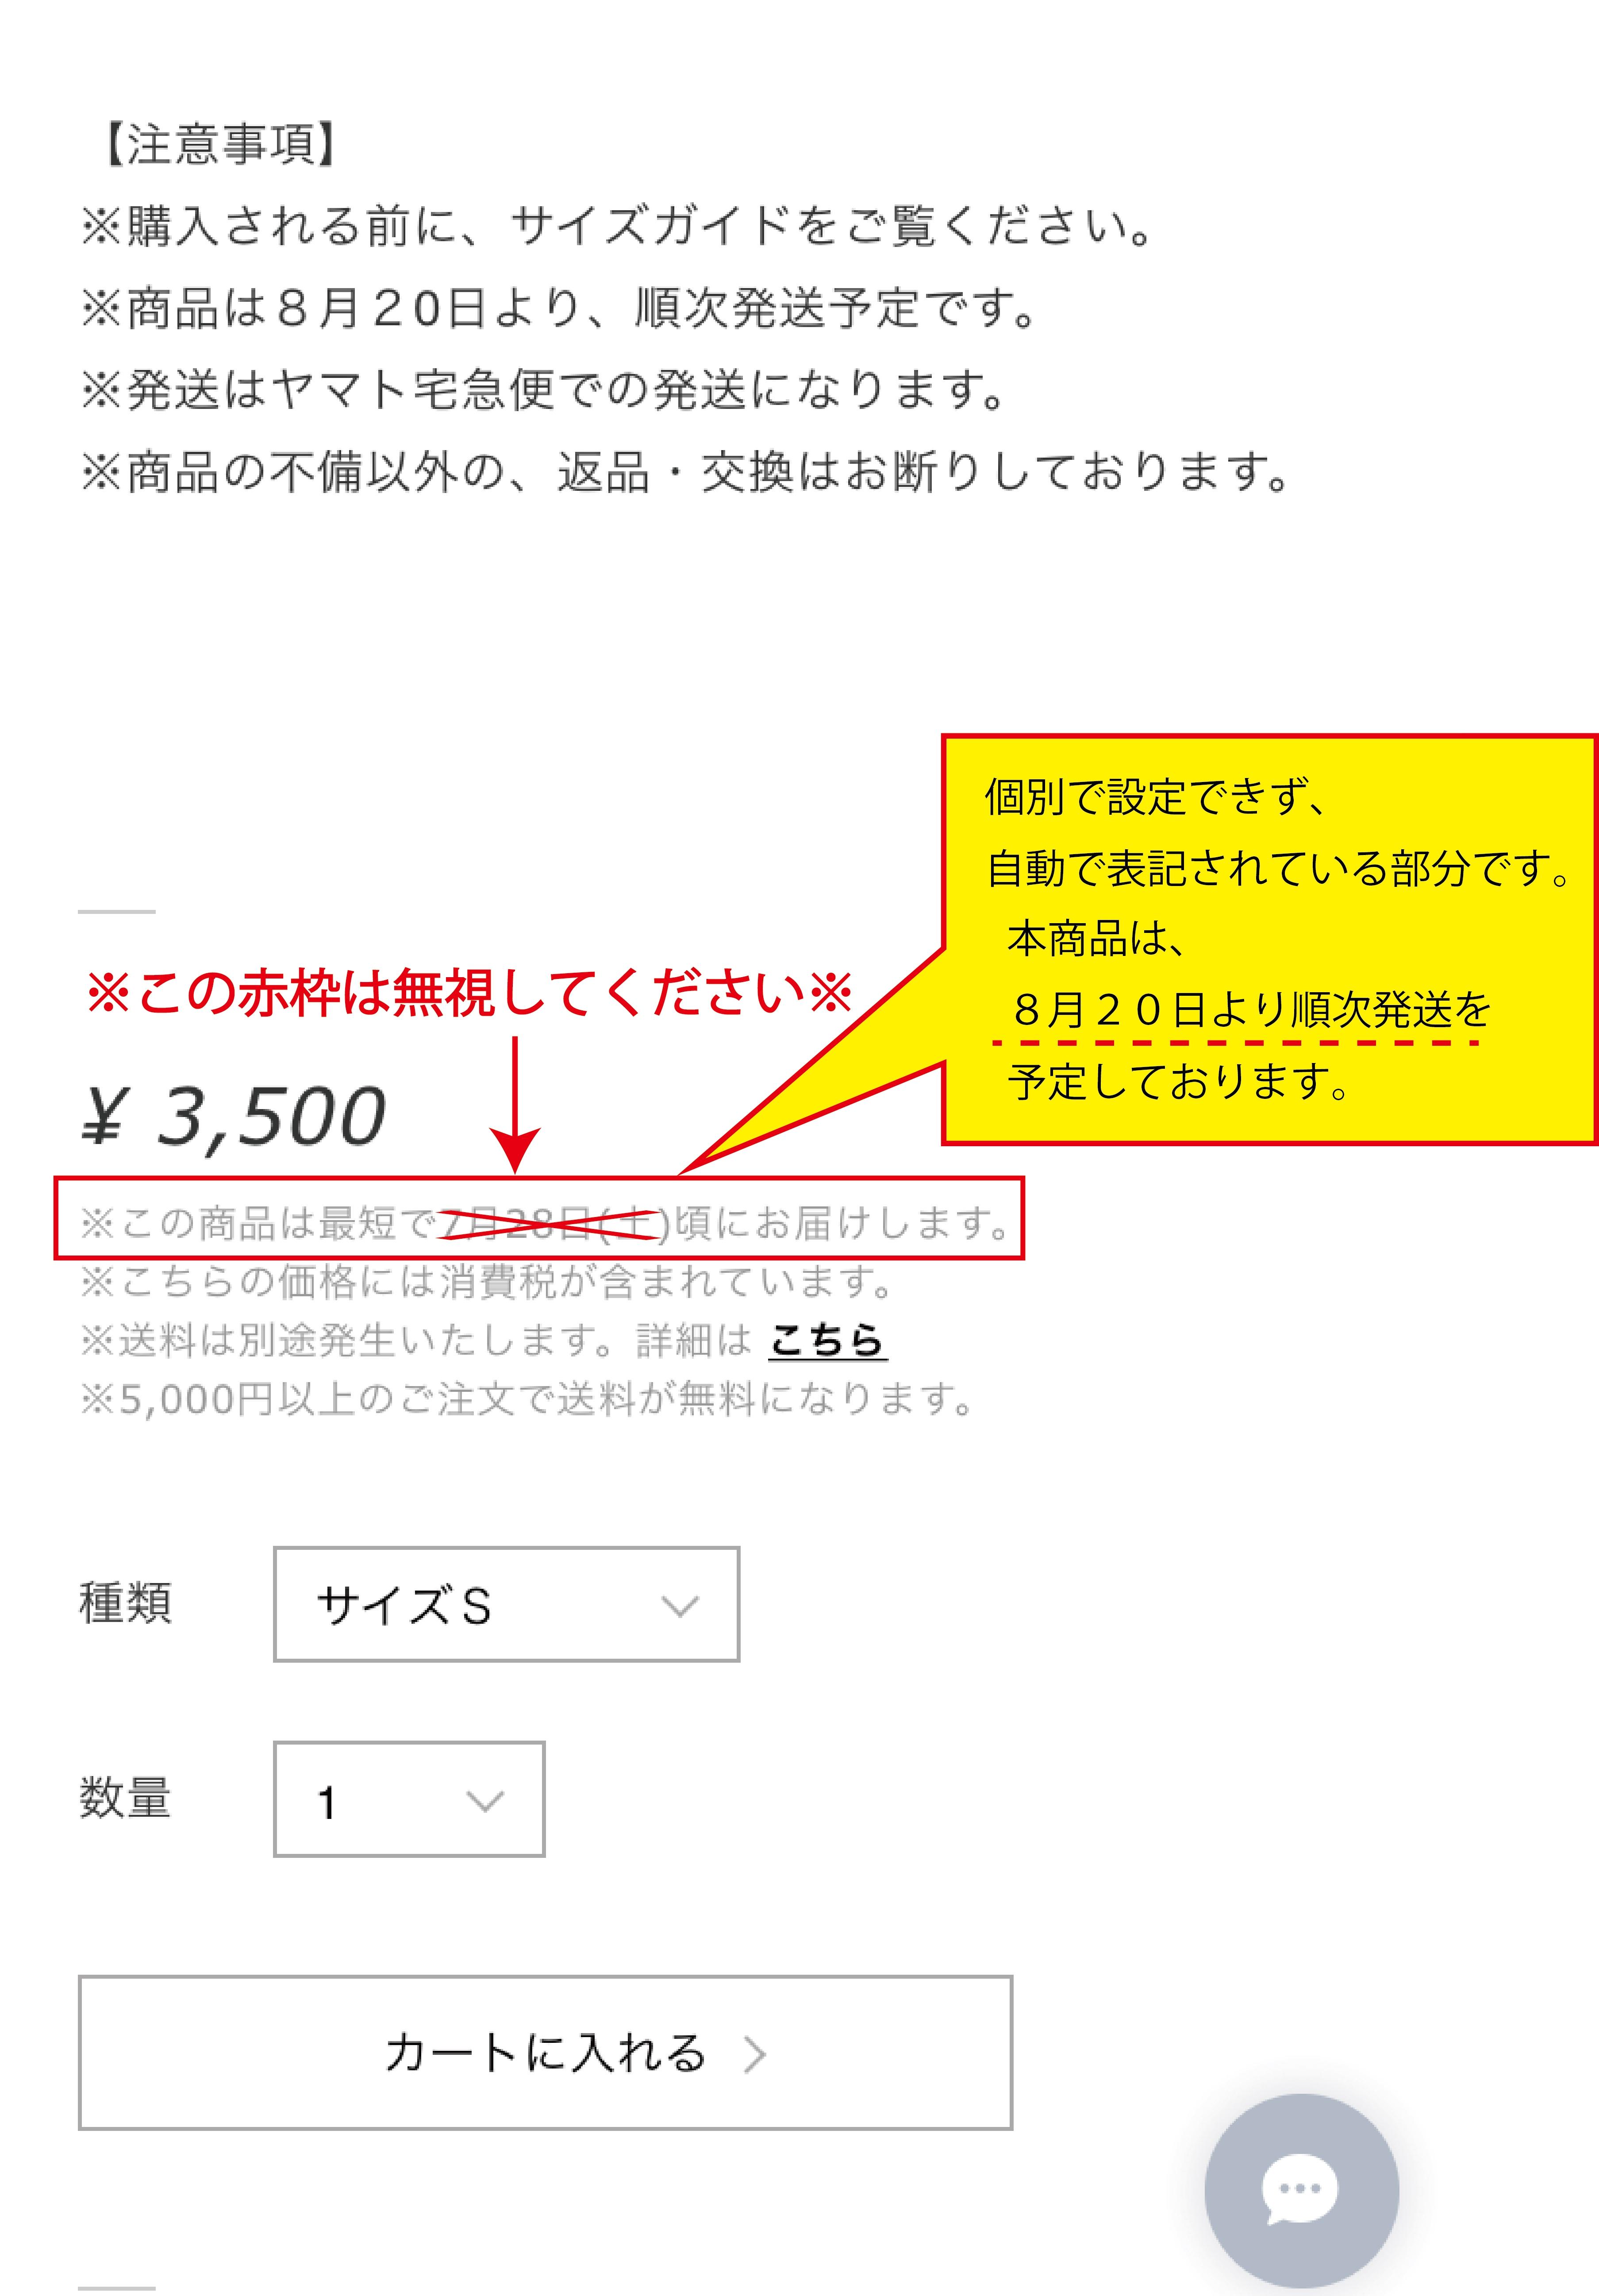 【重要】新商品「カパTライダー」シリーズの日時指定についての注意点【必読】